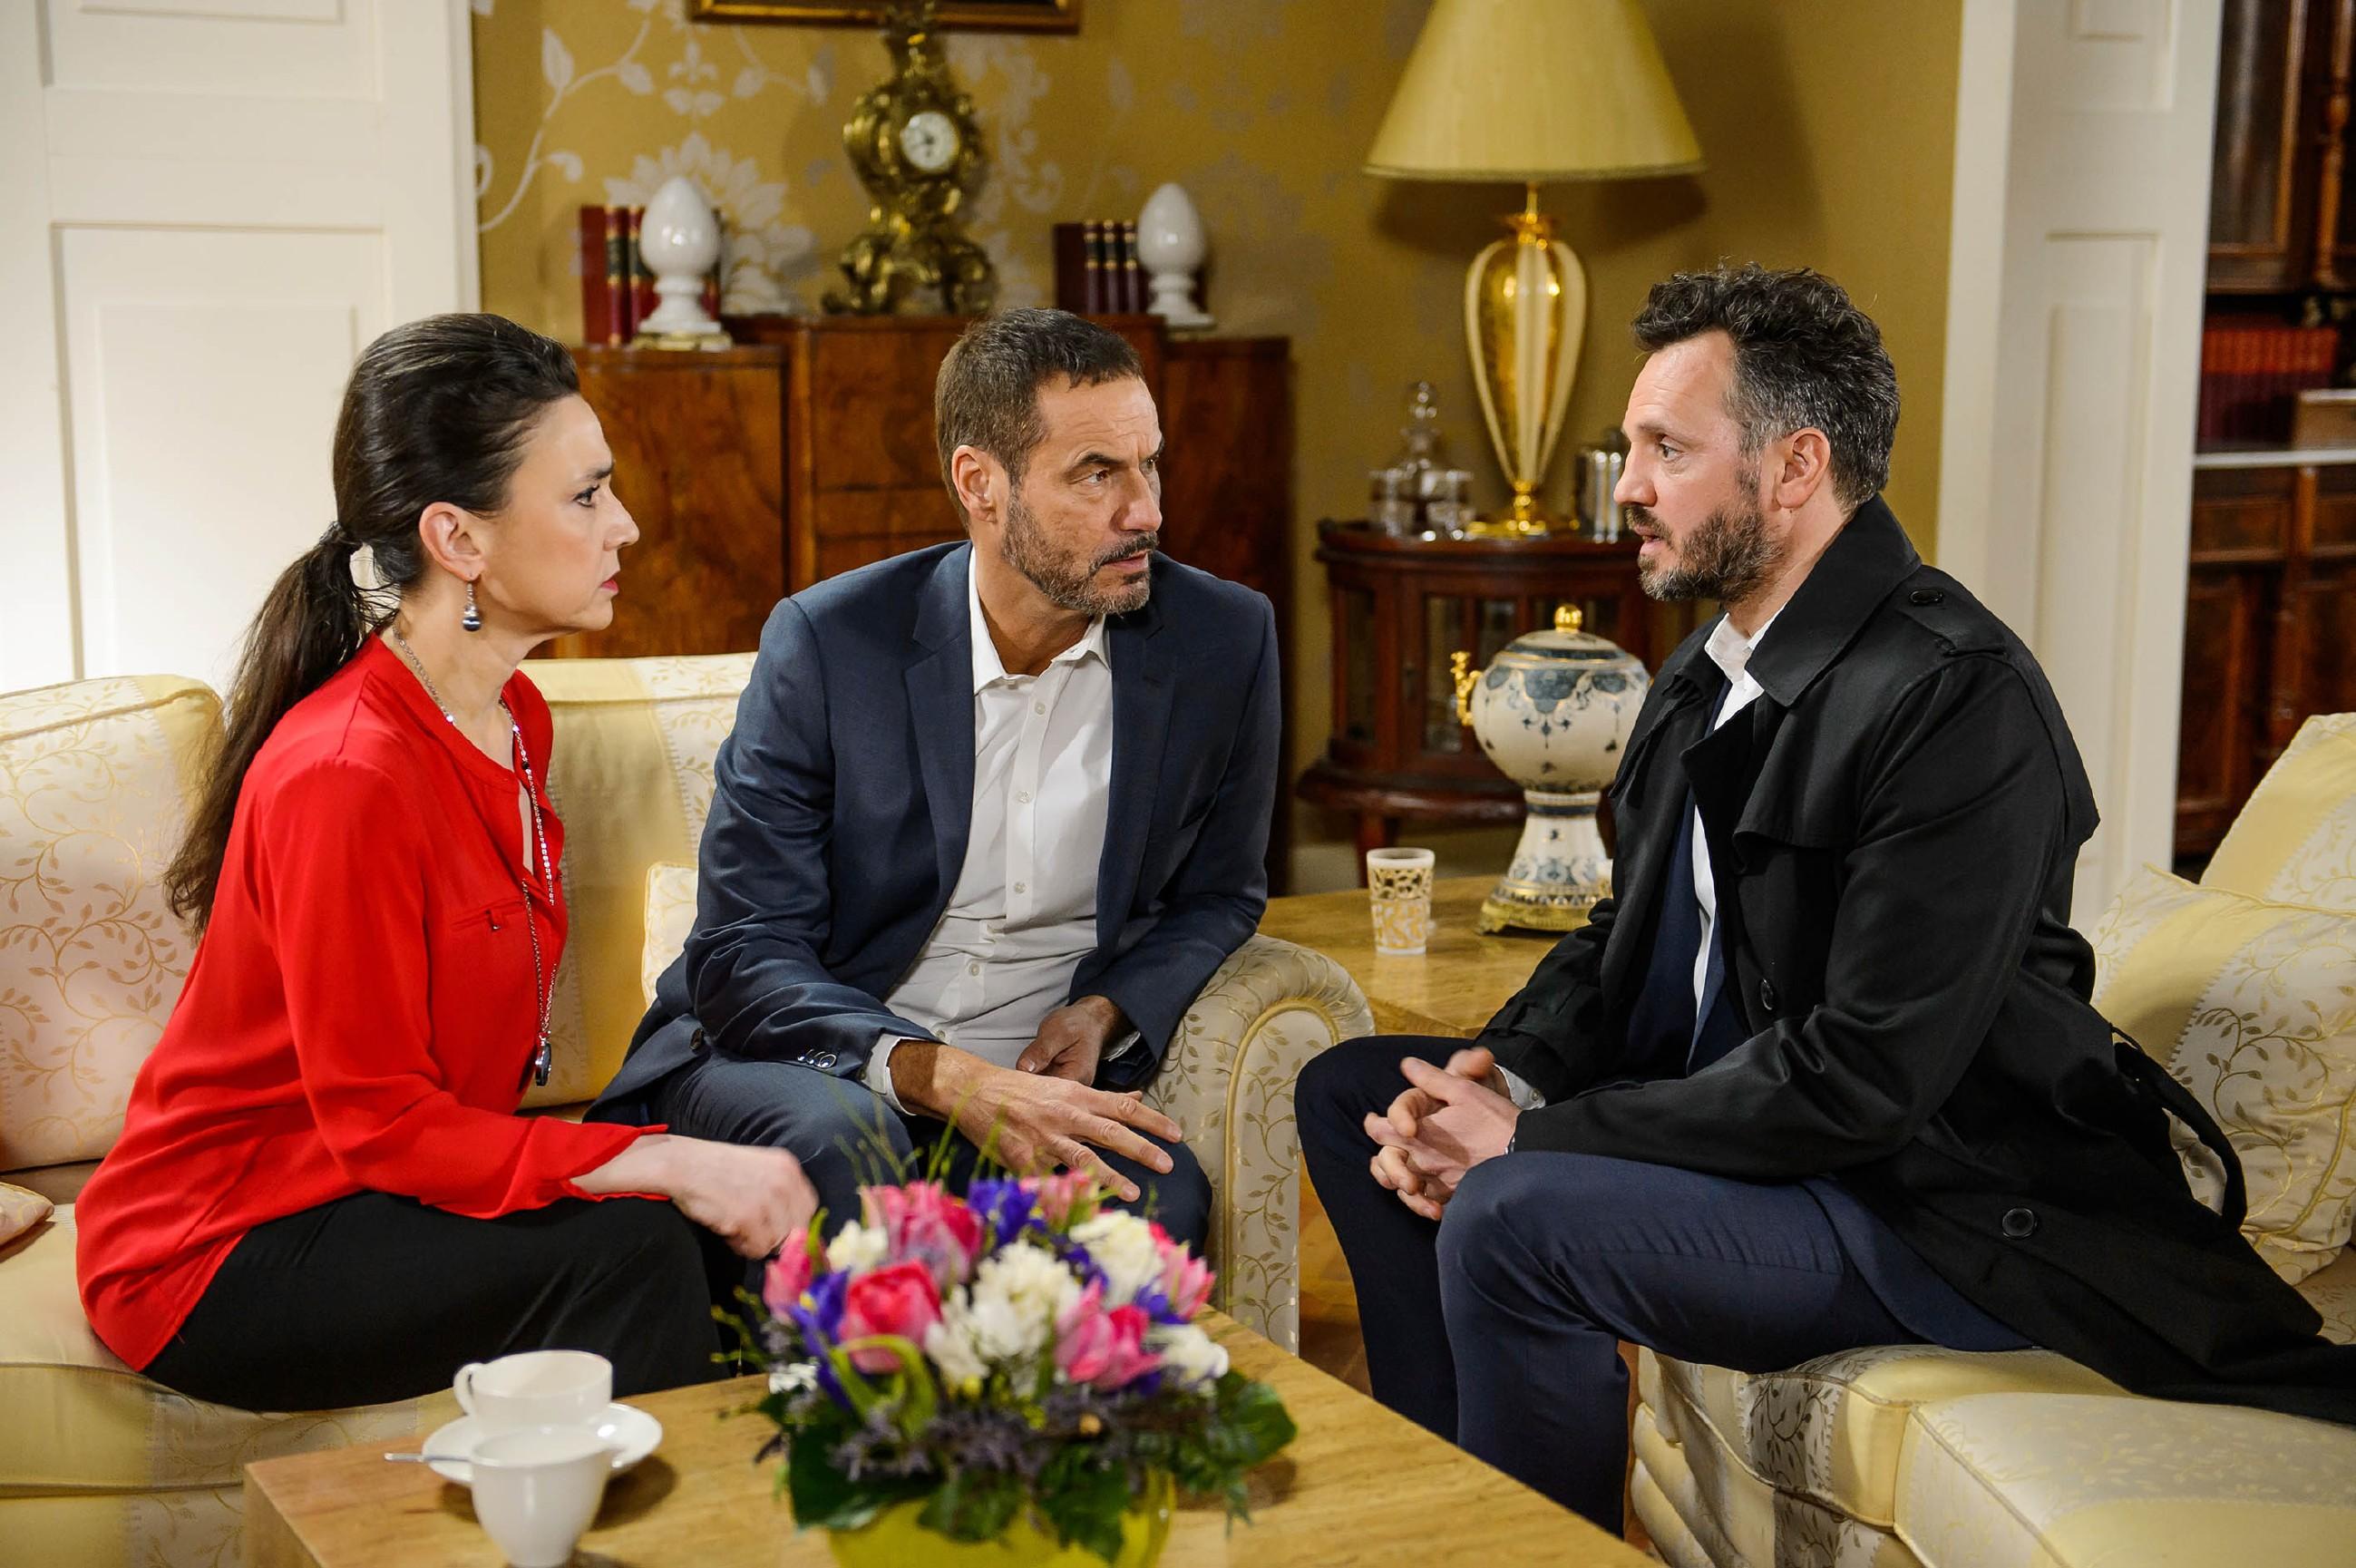 Als Simone (Tatjana Clasing) und Richard (Silvan-Pierre Leirich, M.) von Kriminalrat Burger (Roland Silbernagl) befragt werden, ist Richard hin- und hergerissen, ob er Maximilian verraten oder sich mit ihm treffen soll.